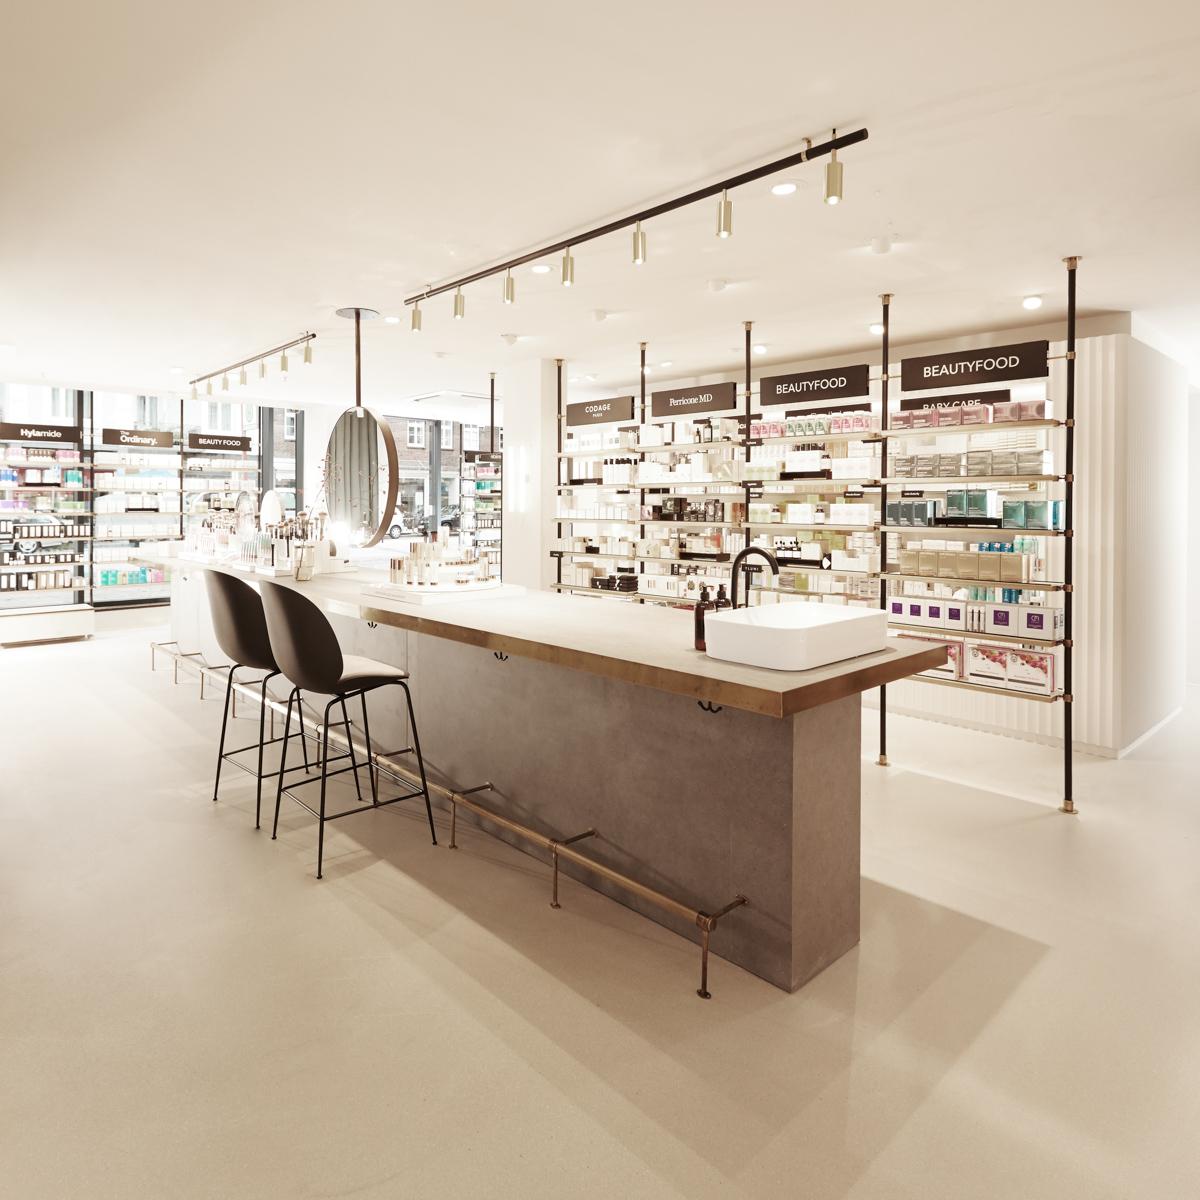 Douglas Pro Store Hamburg-12